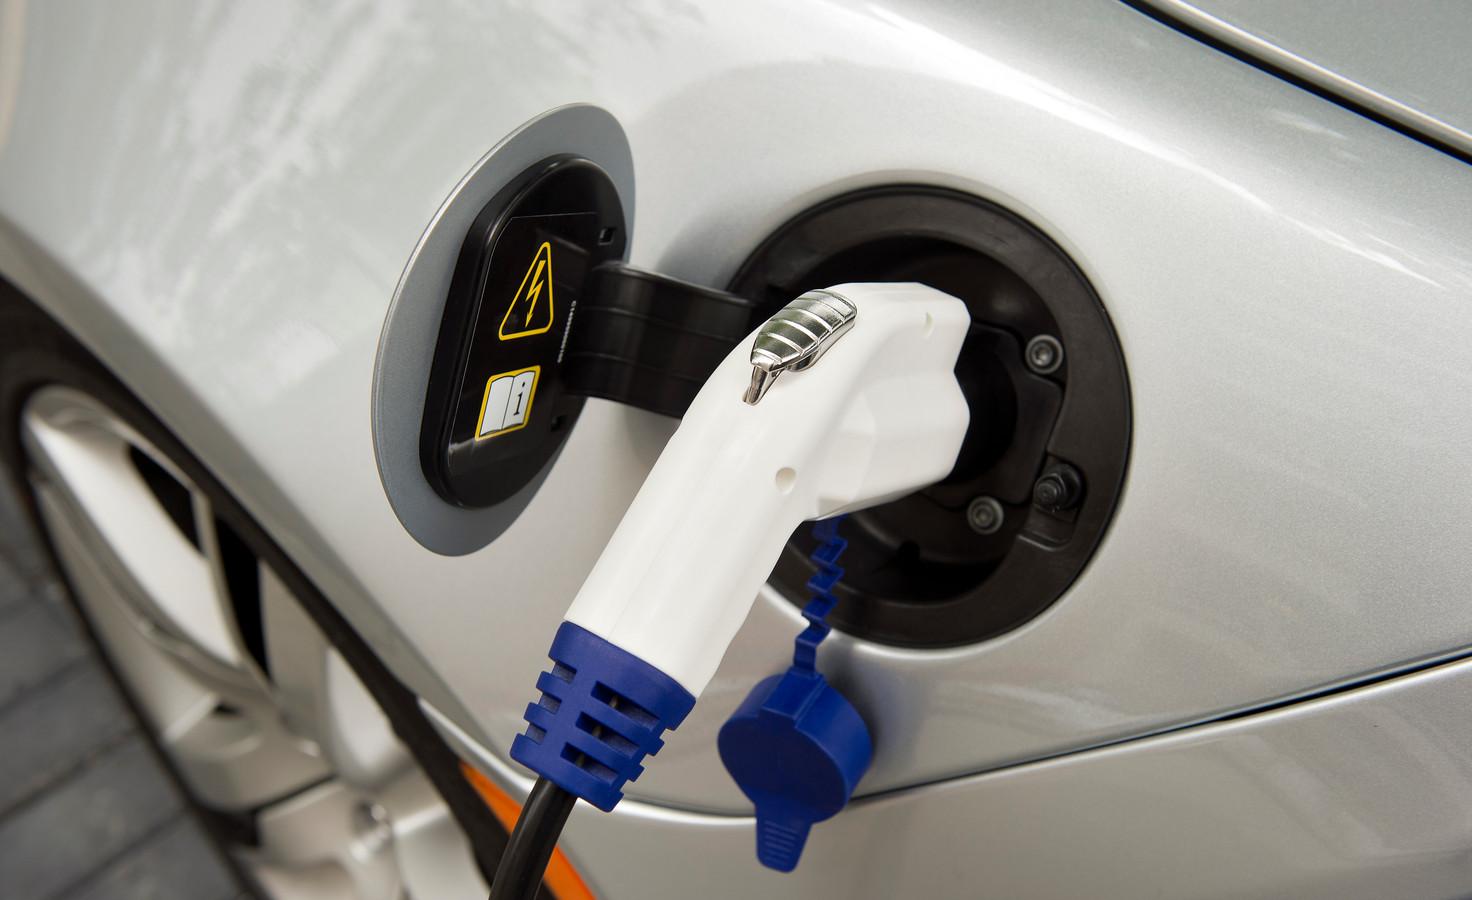 De fiscale subsidiëring van stekkerauto's kost relatief veel geld ten opzichte van de CO2-uitstoot die ermee wordt bespaard.